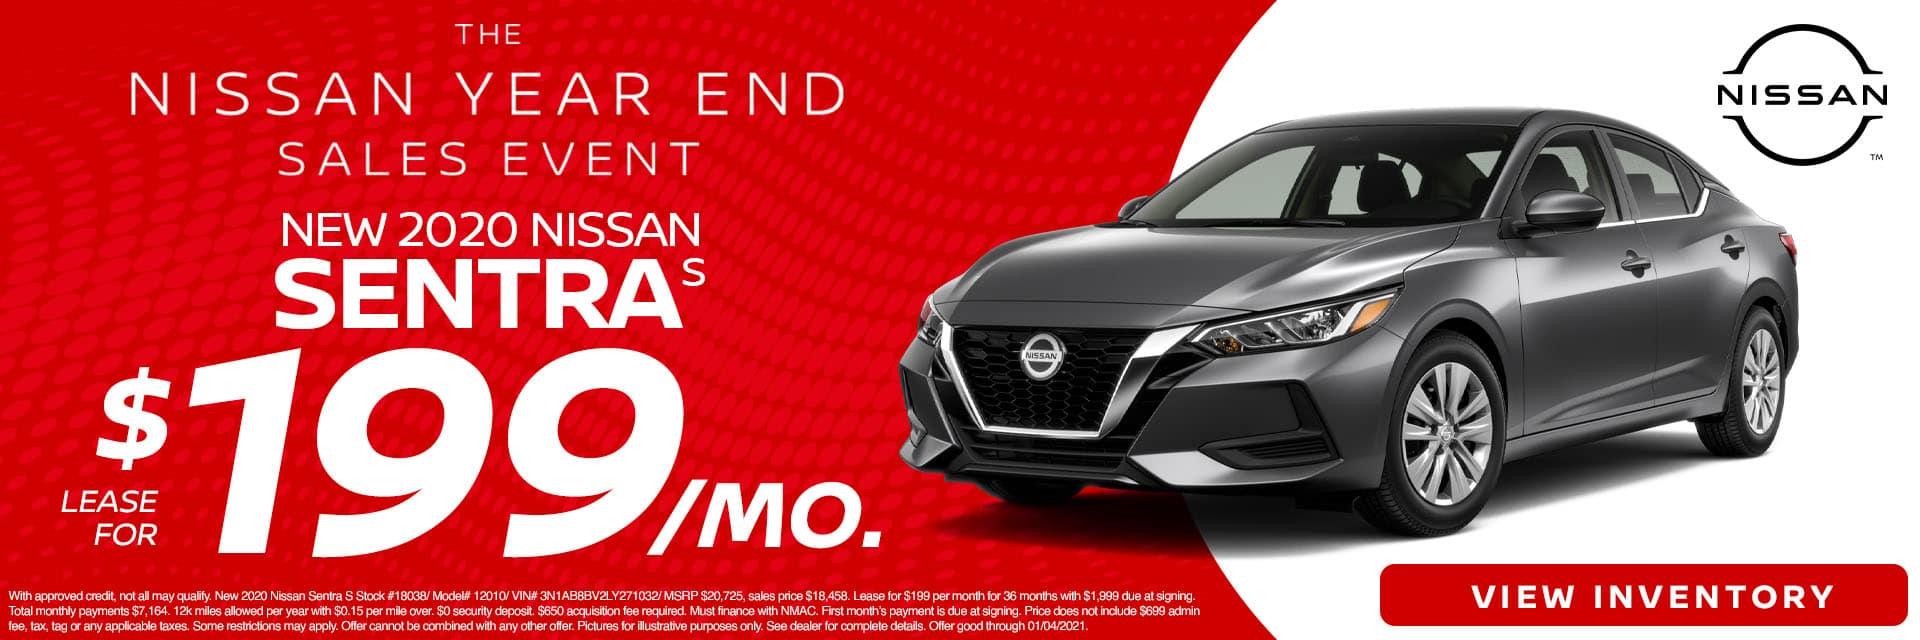 CNSN-December 2020-2020 Nissan Sentra